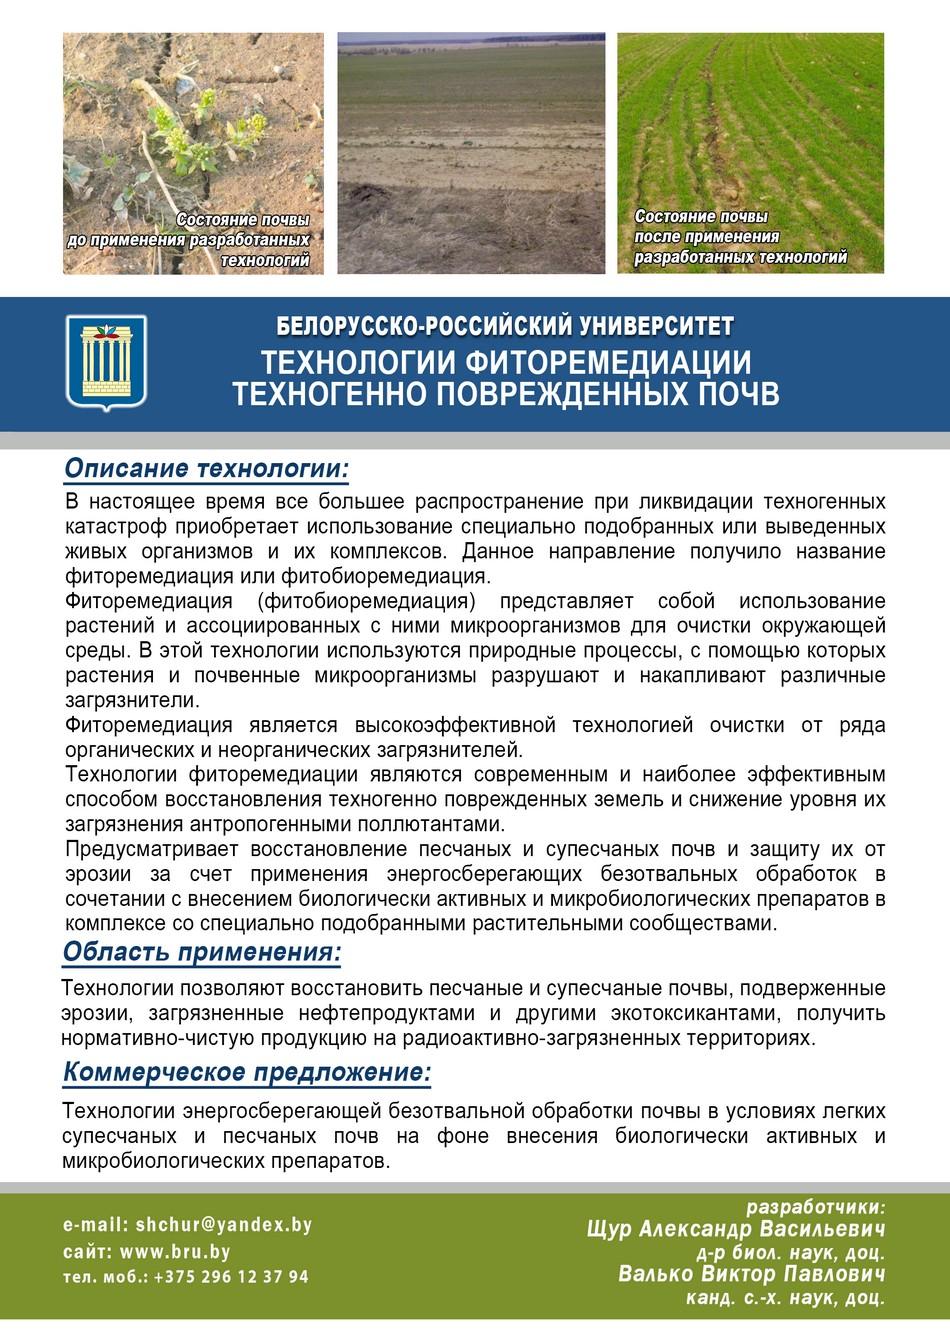 Технологии фиторемедиации техногенно поврежденных почв